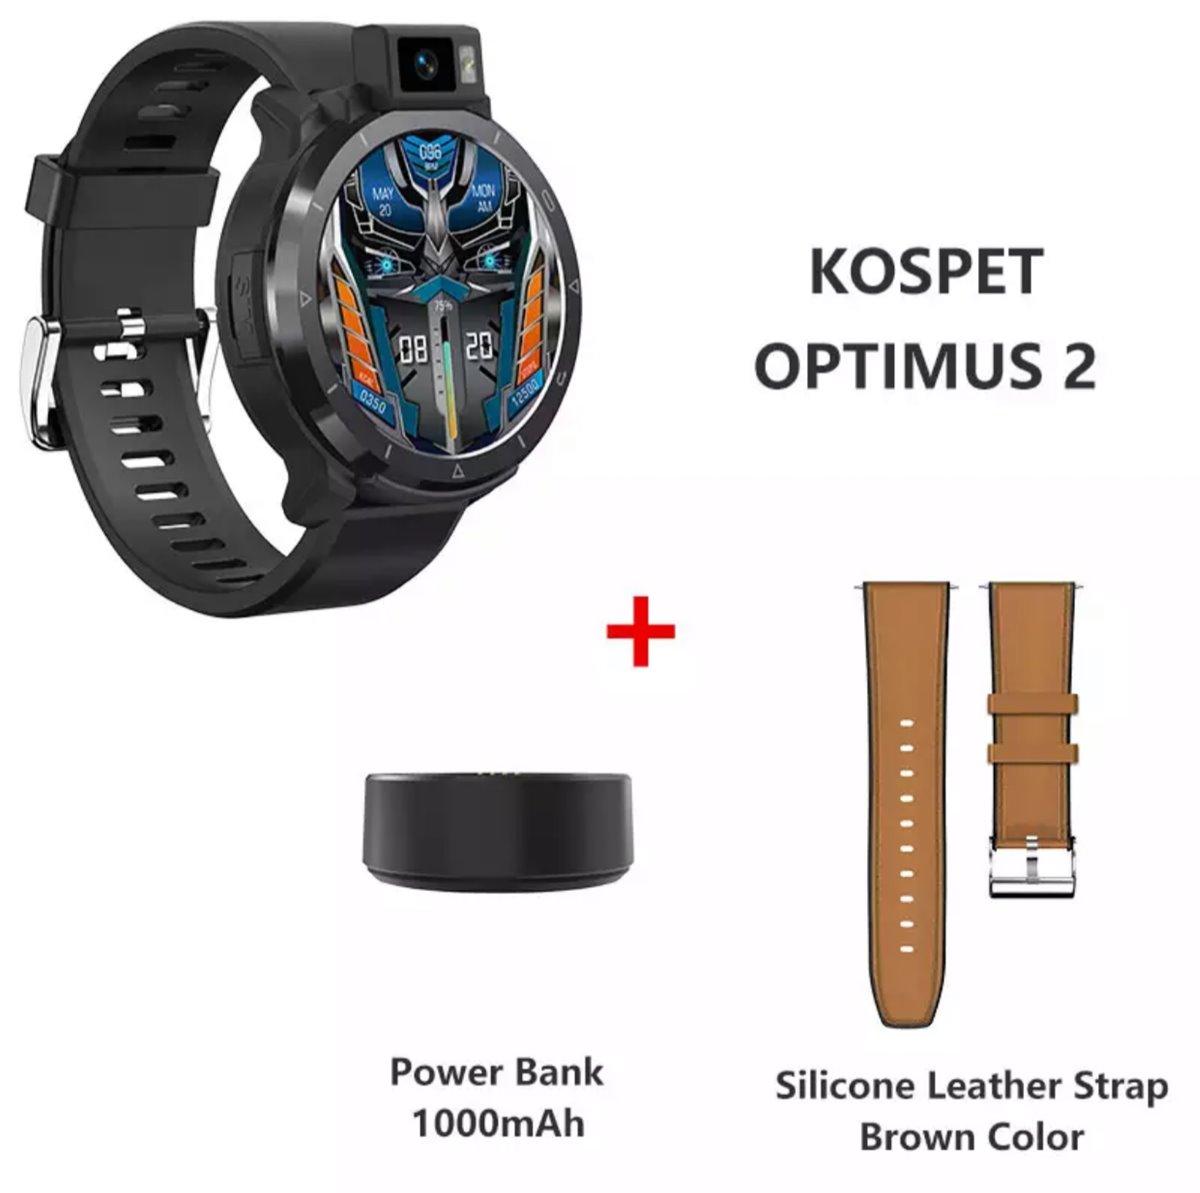 KOSPET Optimus 2 Çift Modlu Çift Çip 4GB+64GB Sekiz Çekirdekli 4G-LTE GPS+Beidou Android 10.7 SpO2 Monitör Akıllı Saat   Kospet Türkiye NatroNet Global'de GARANTİLİ İMEİ KAYITLI 7/24 müşteri destek ekibi hizmeti ile.